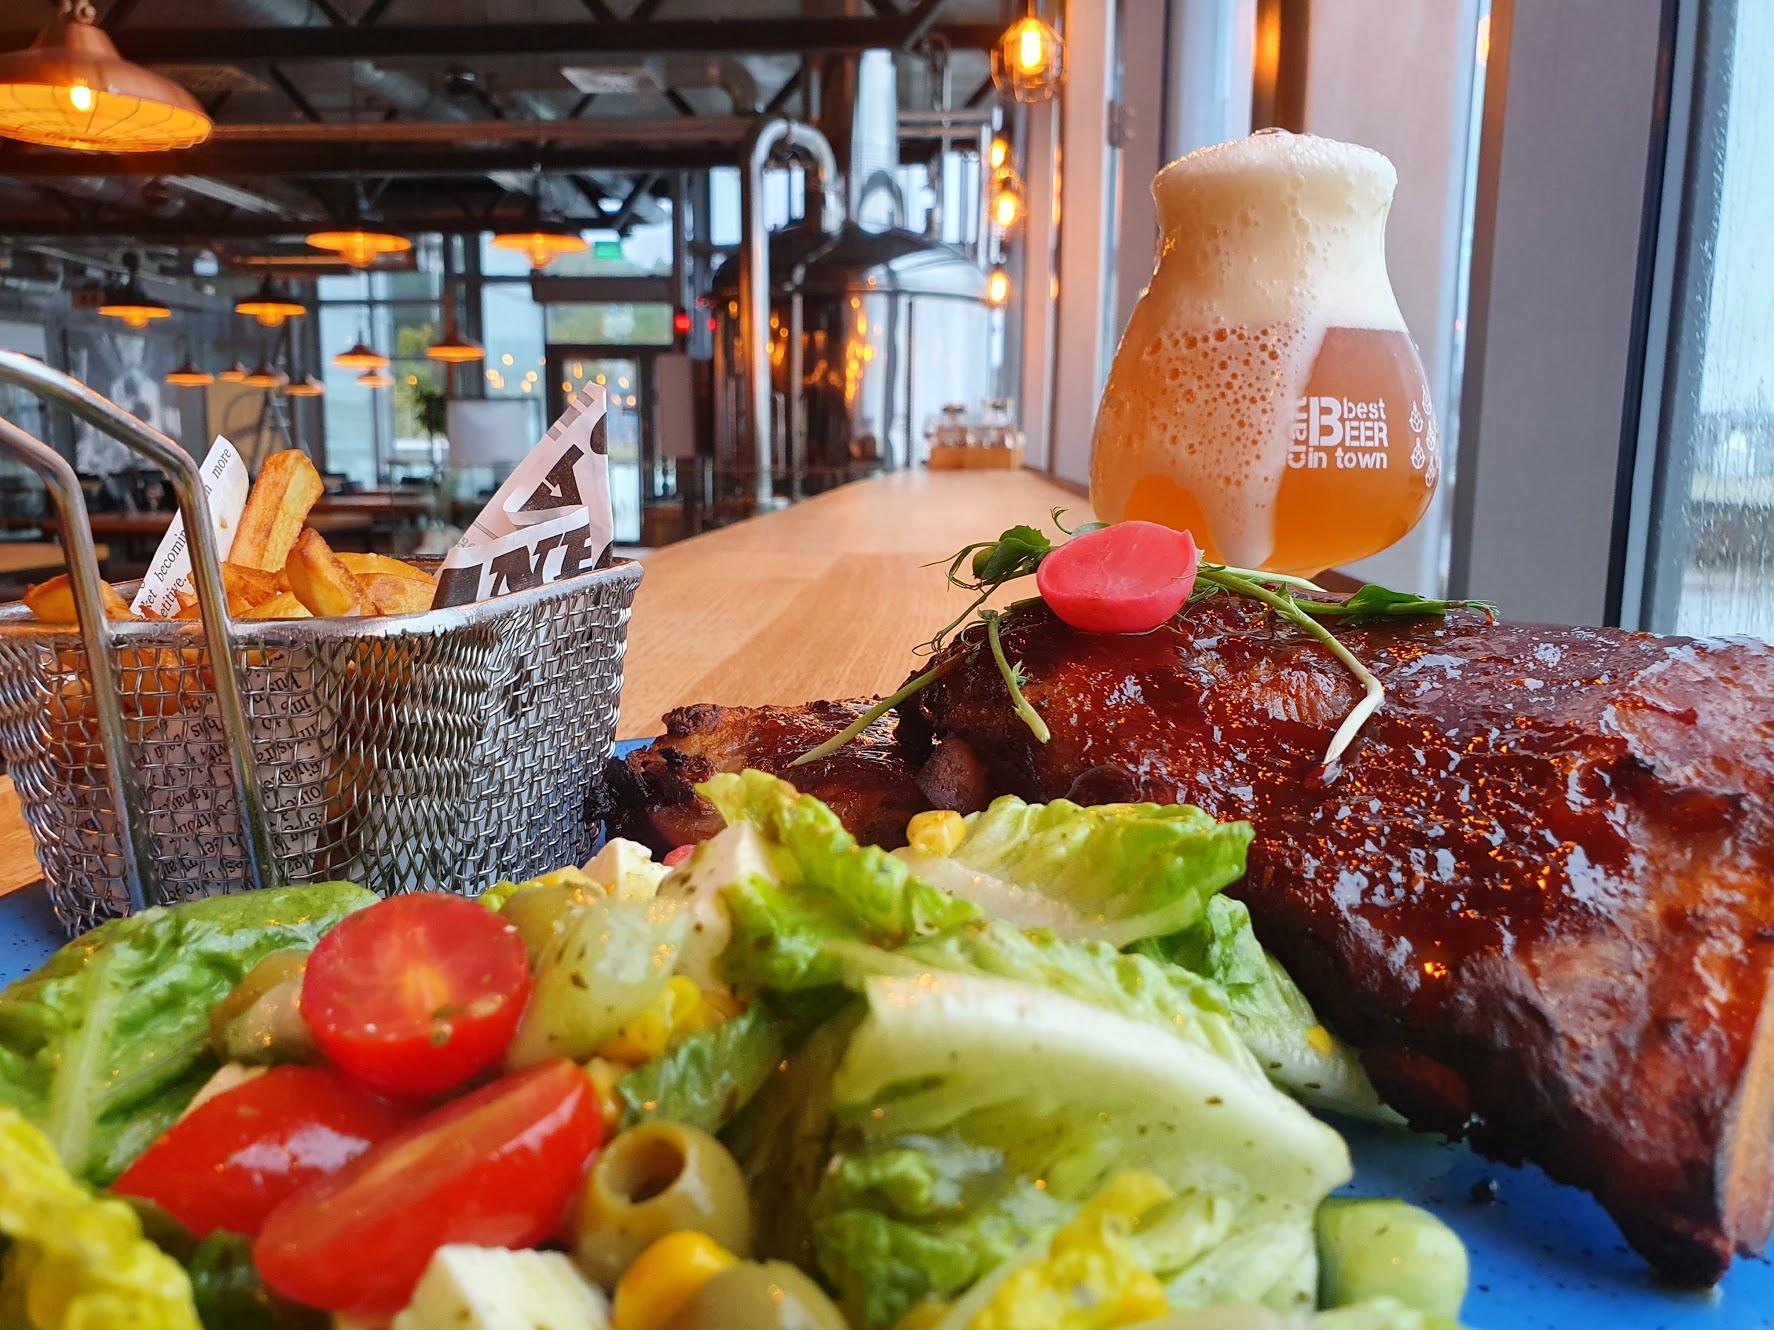 Propozycja dania na wynos z restauracji Browar Port Gdynia. Źródło: Browar Port Gdynia